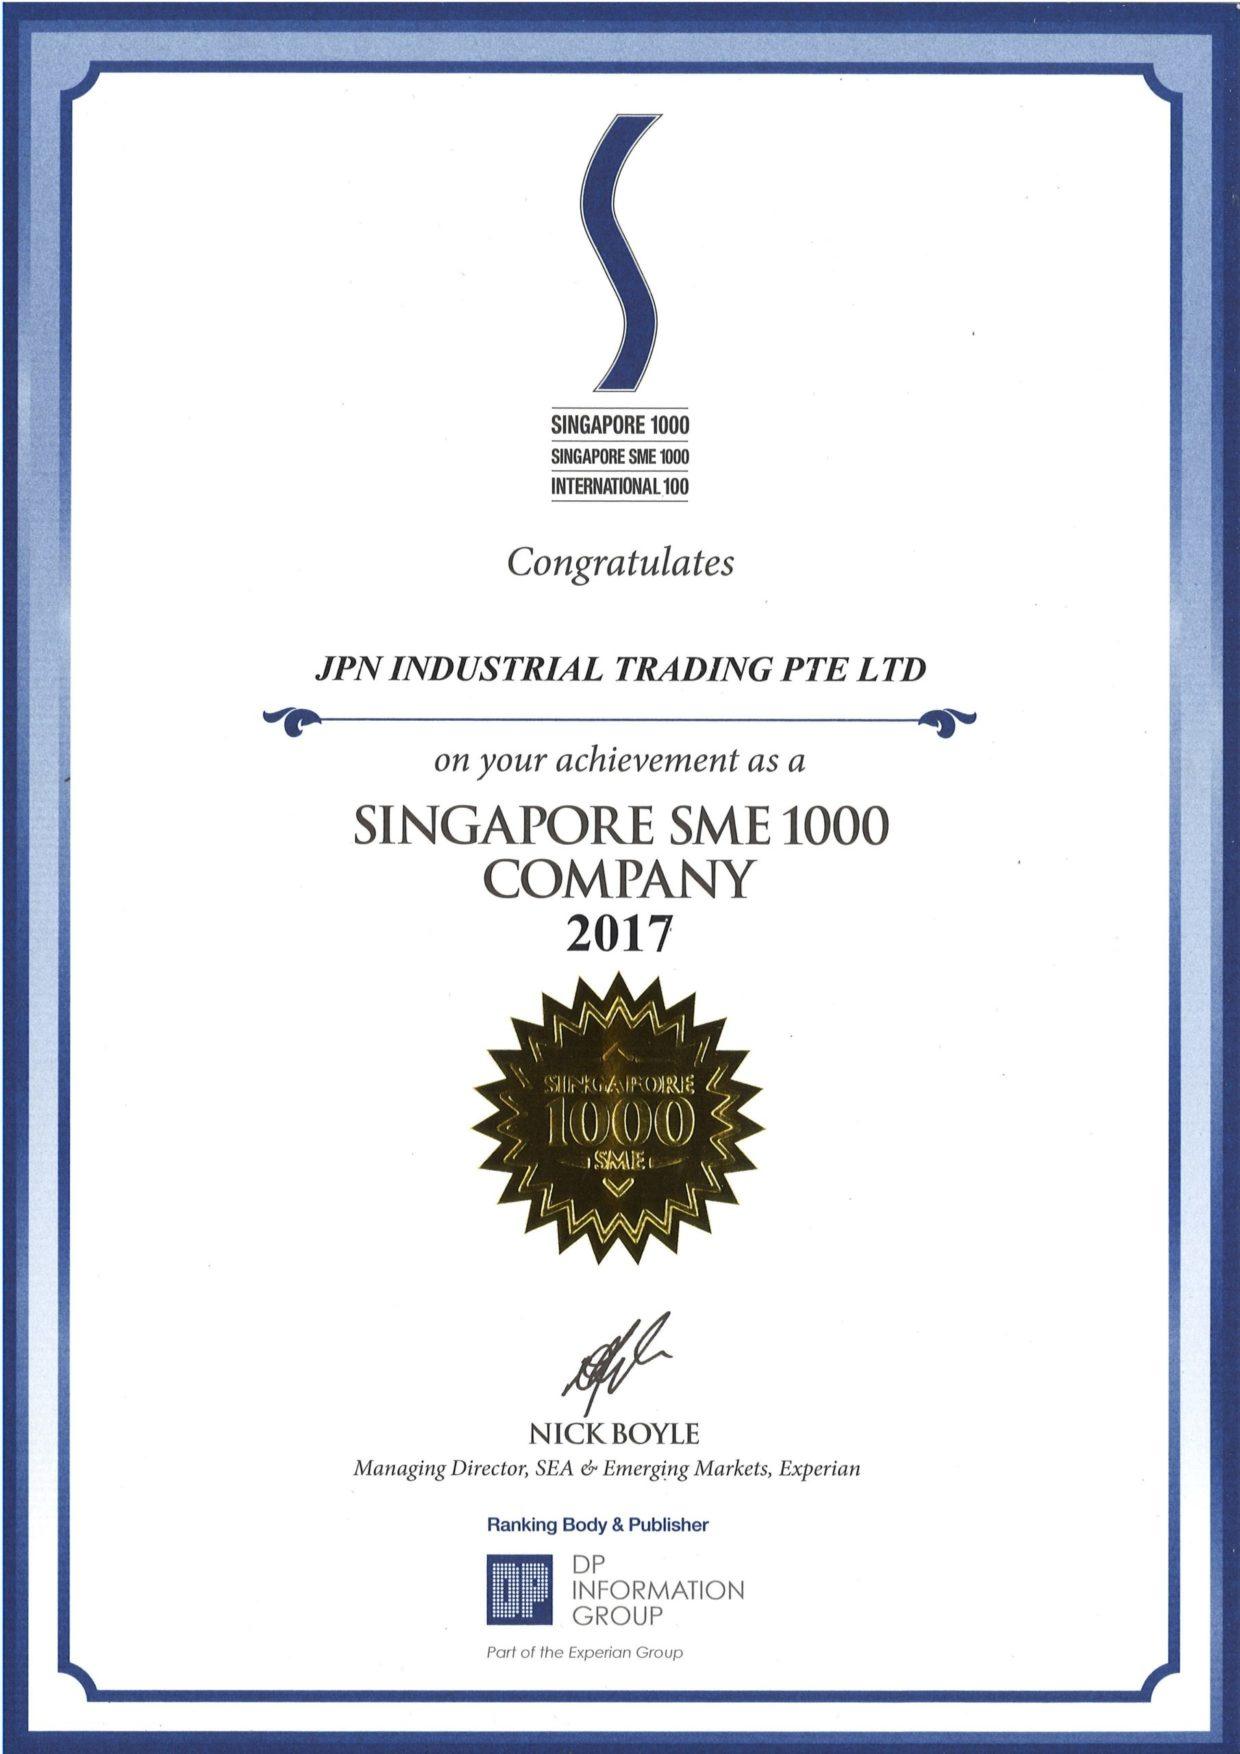 2017-SPORE-SME-1000